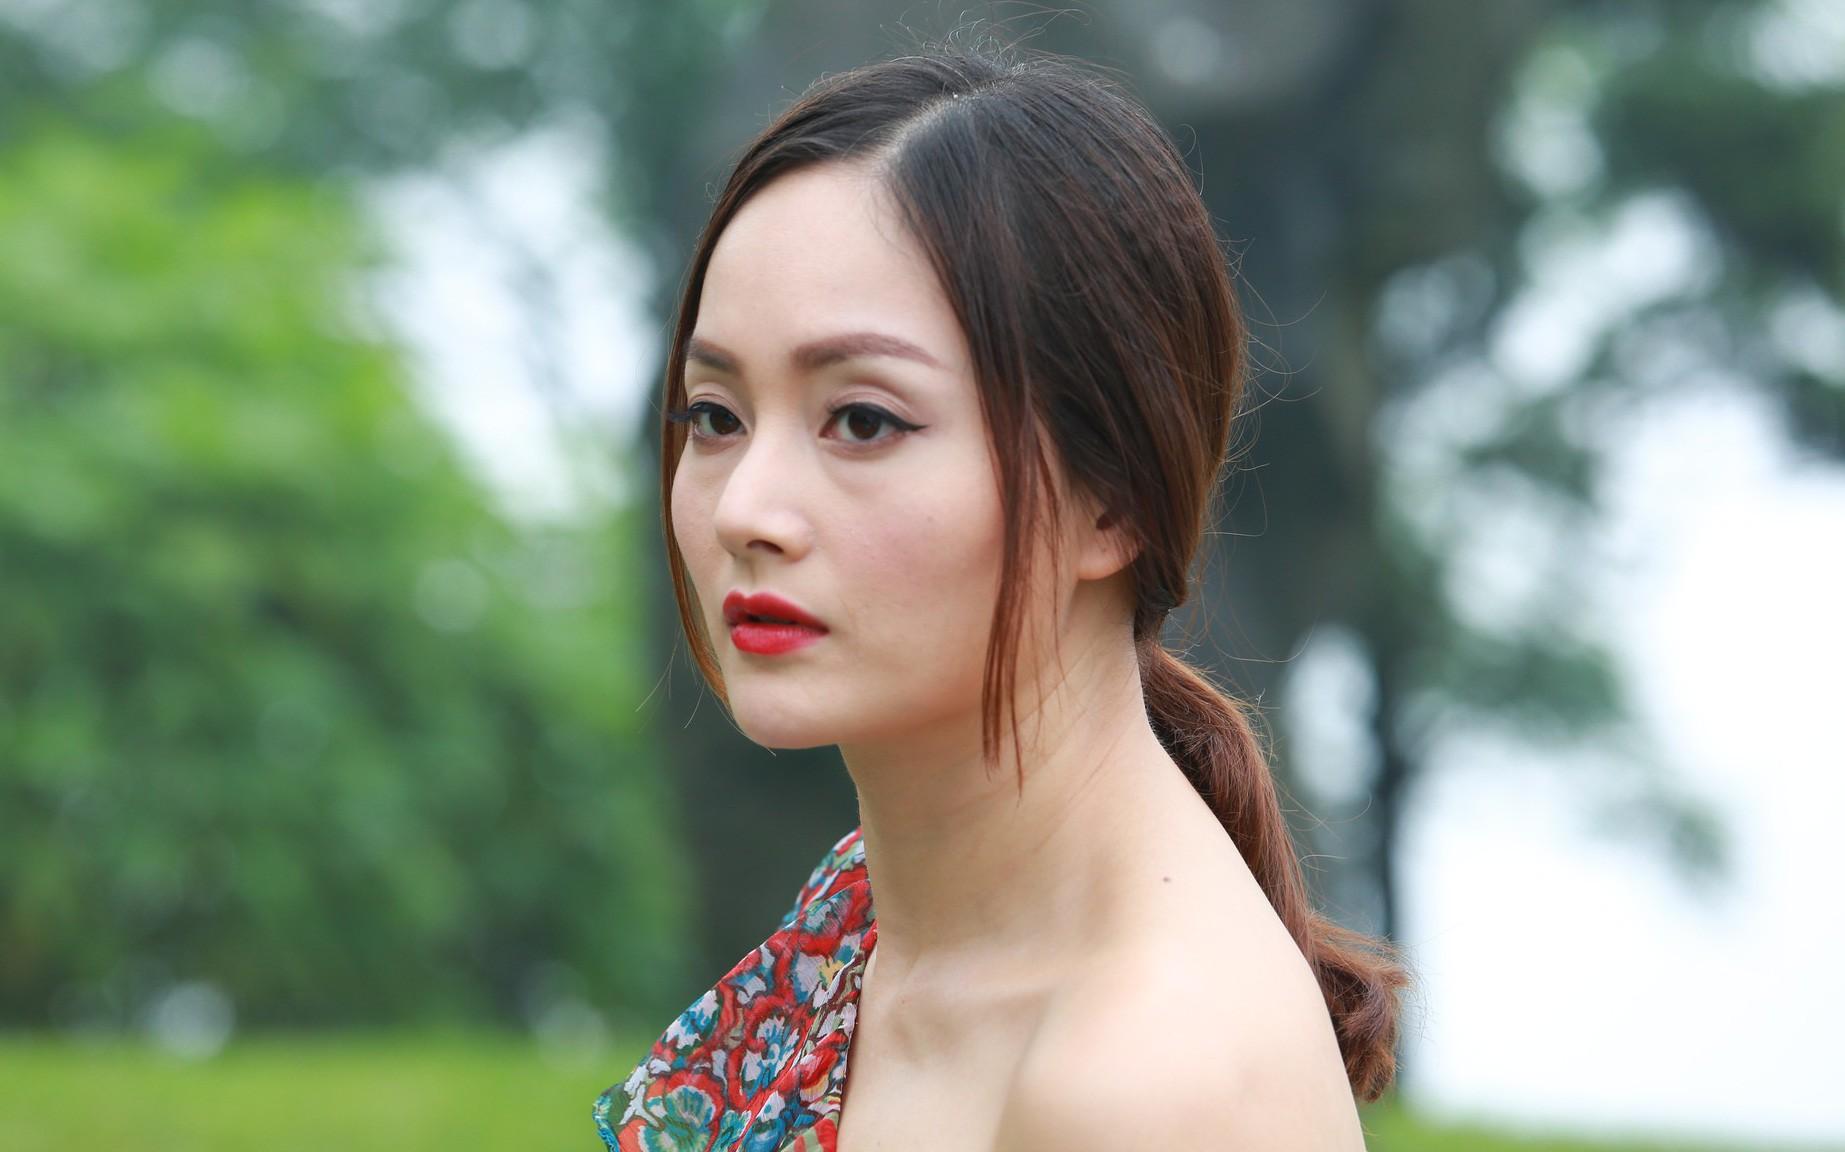 Những nàng dâu trên phim truyền hình Việt - Người ngoan hiền, cam chịu, kẻ đành hanh, tai quái - Ảnh 6.